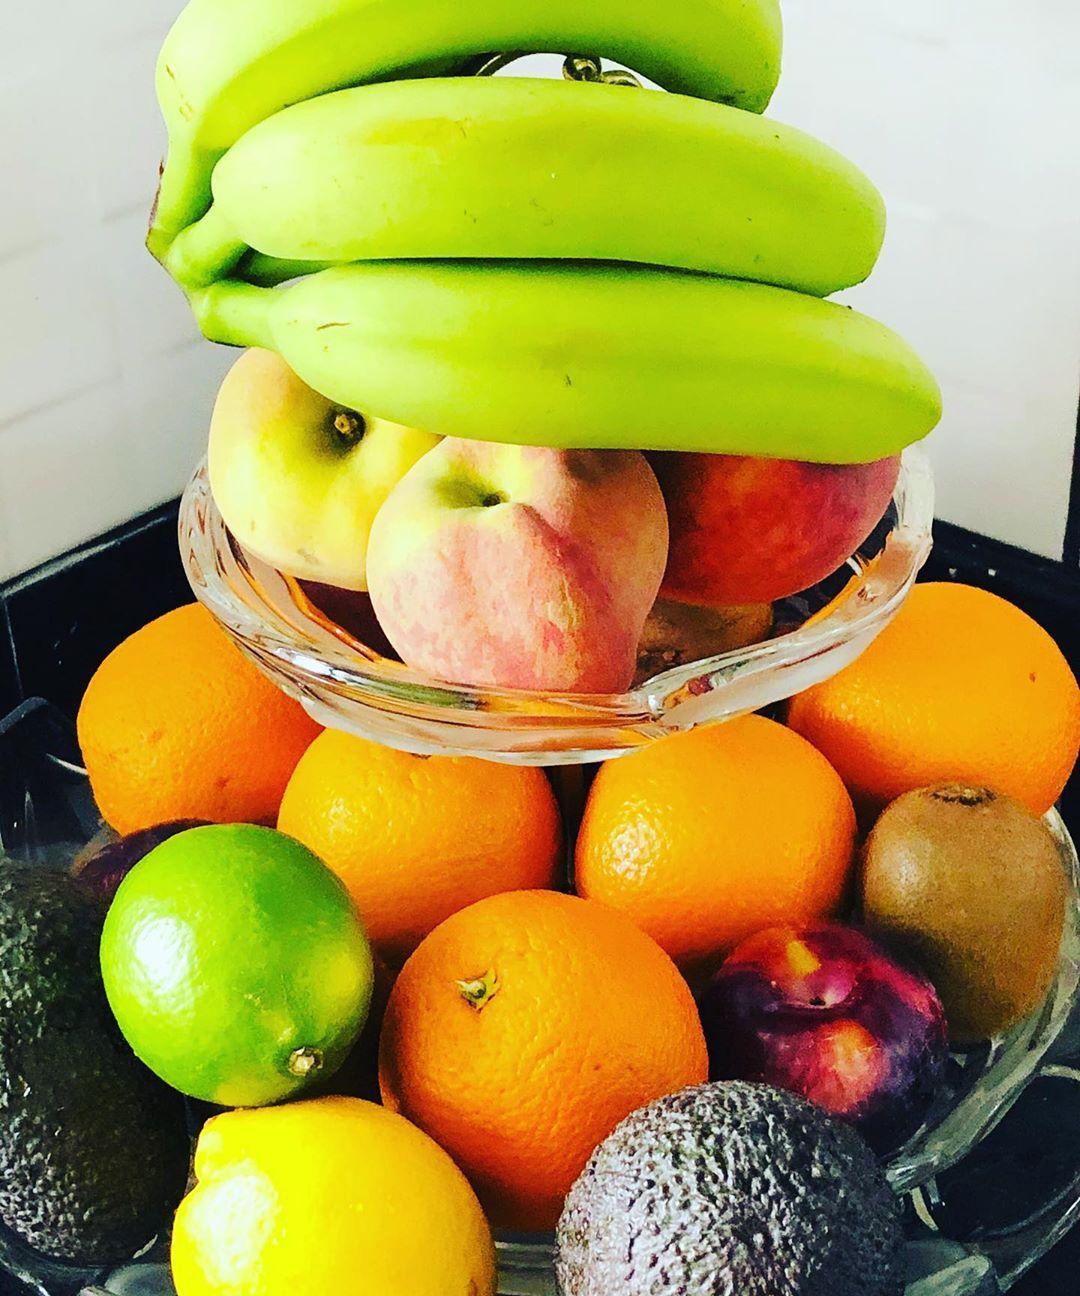 挑选未熟的水果 - 超市购物错误